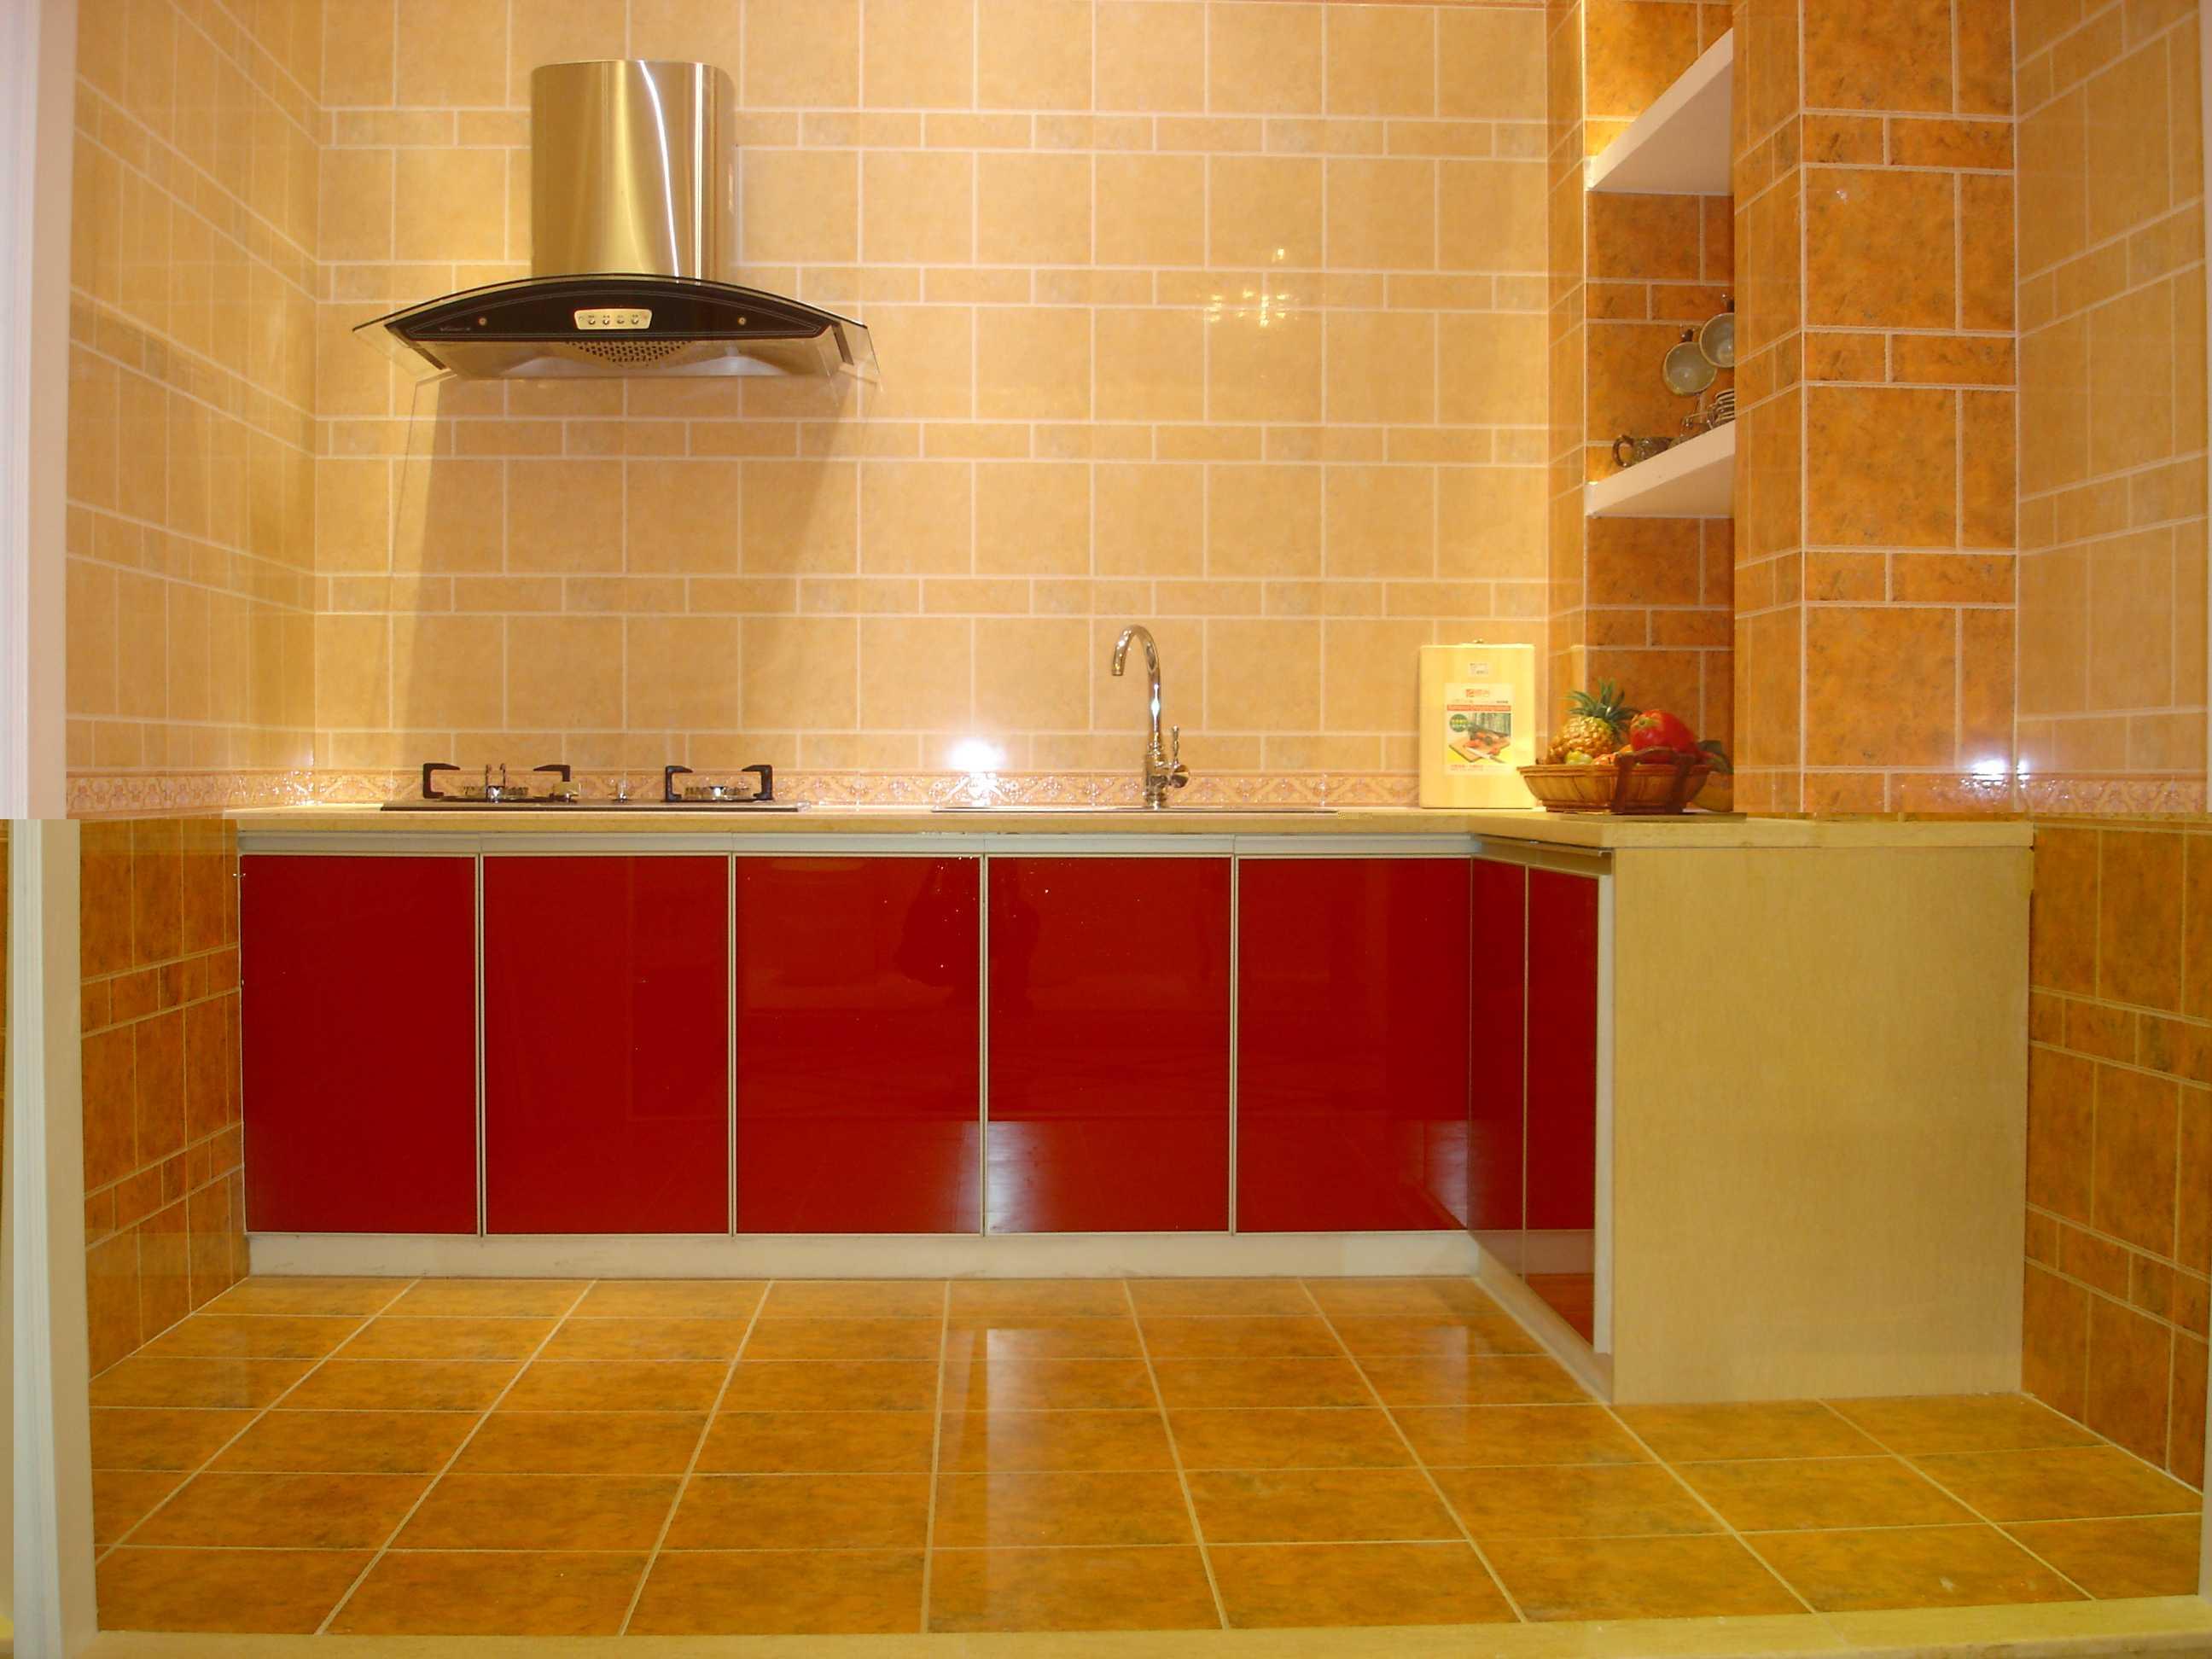 Ctm bathroom designs - Nice Bathroom Tiles At Ctm Nice Look